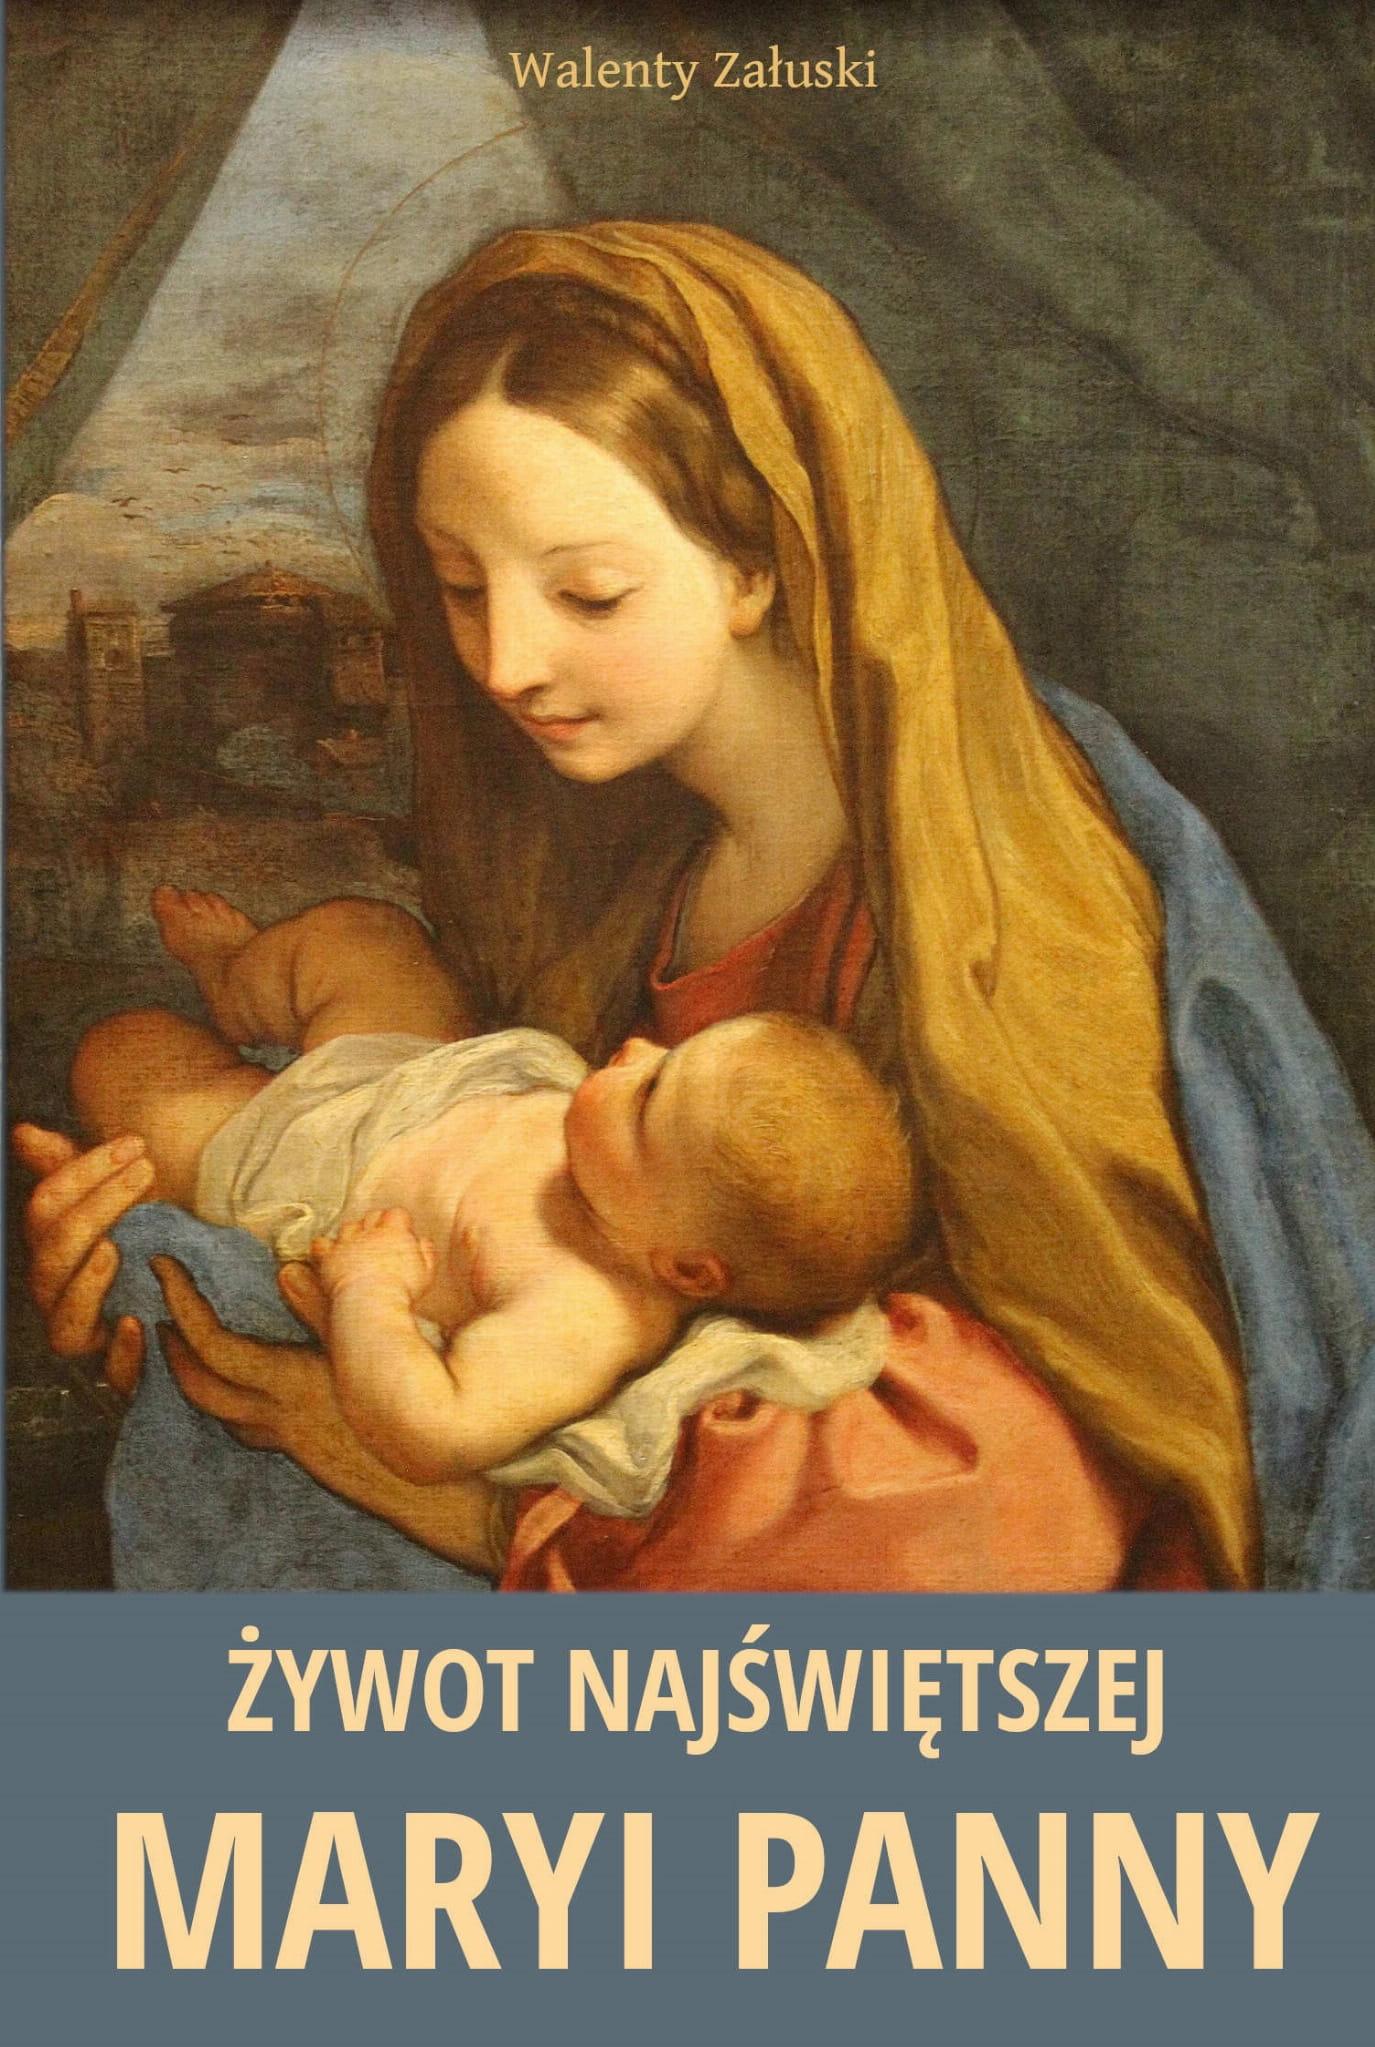 Żywot Najświętszej Maryi Panny - Walenty Załuski